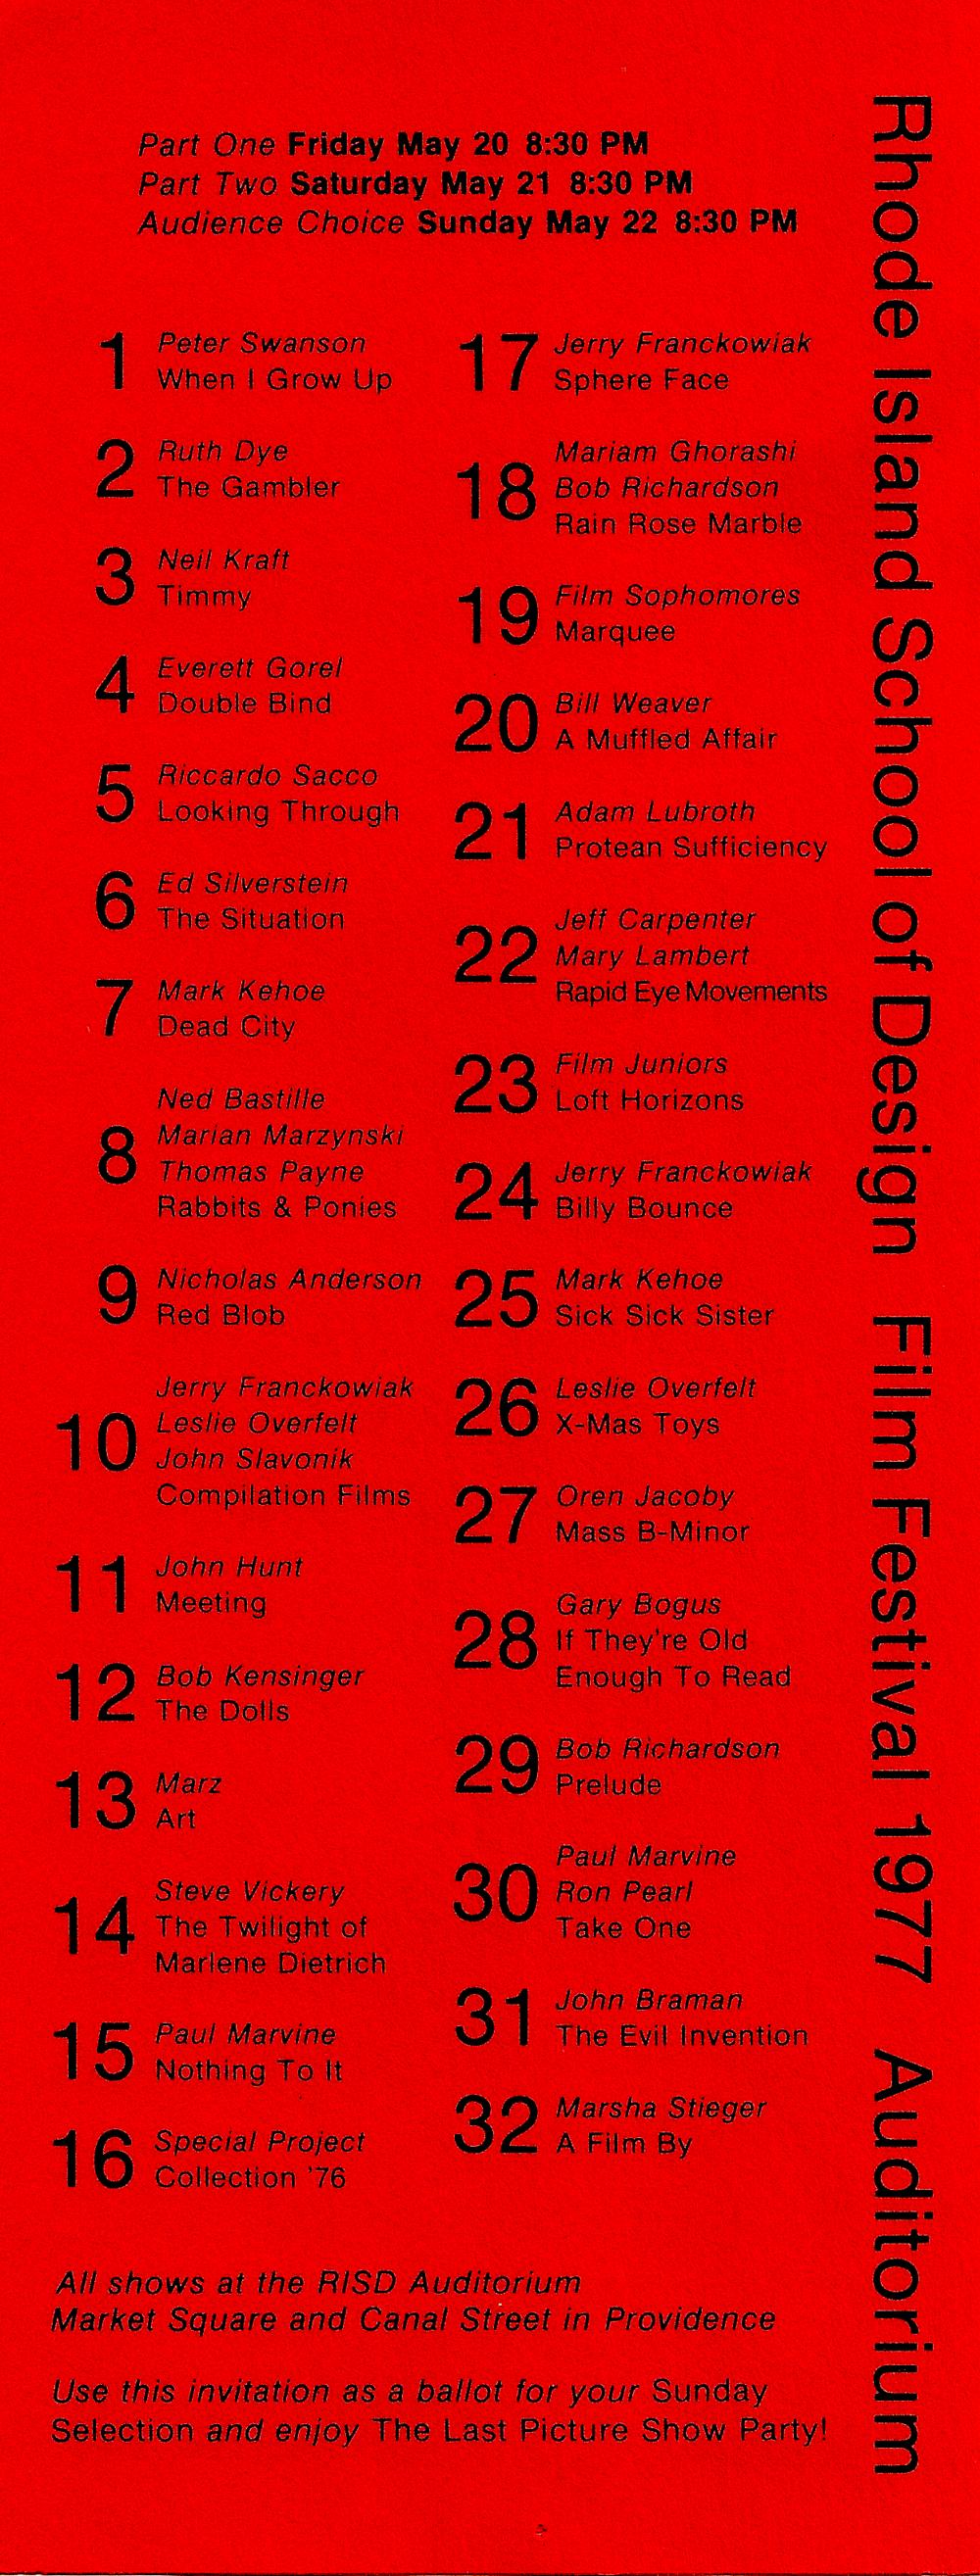 RISD Film Festival 1977 - Program